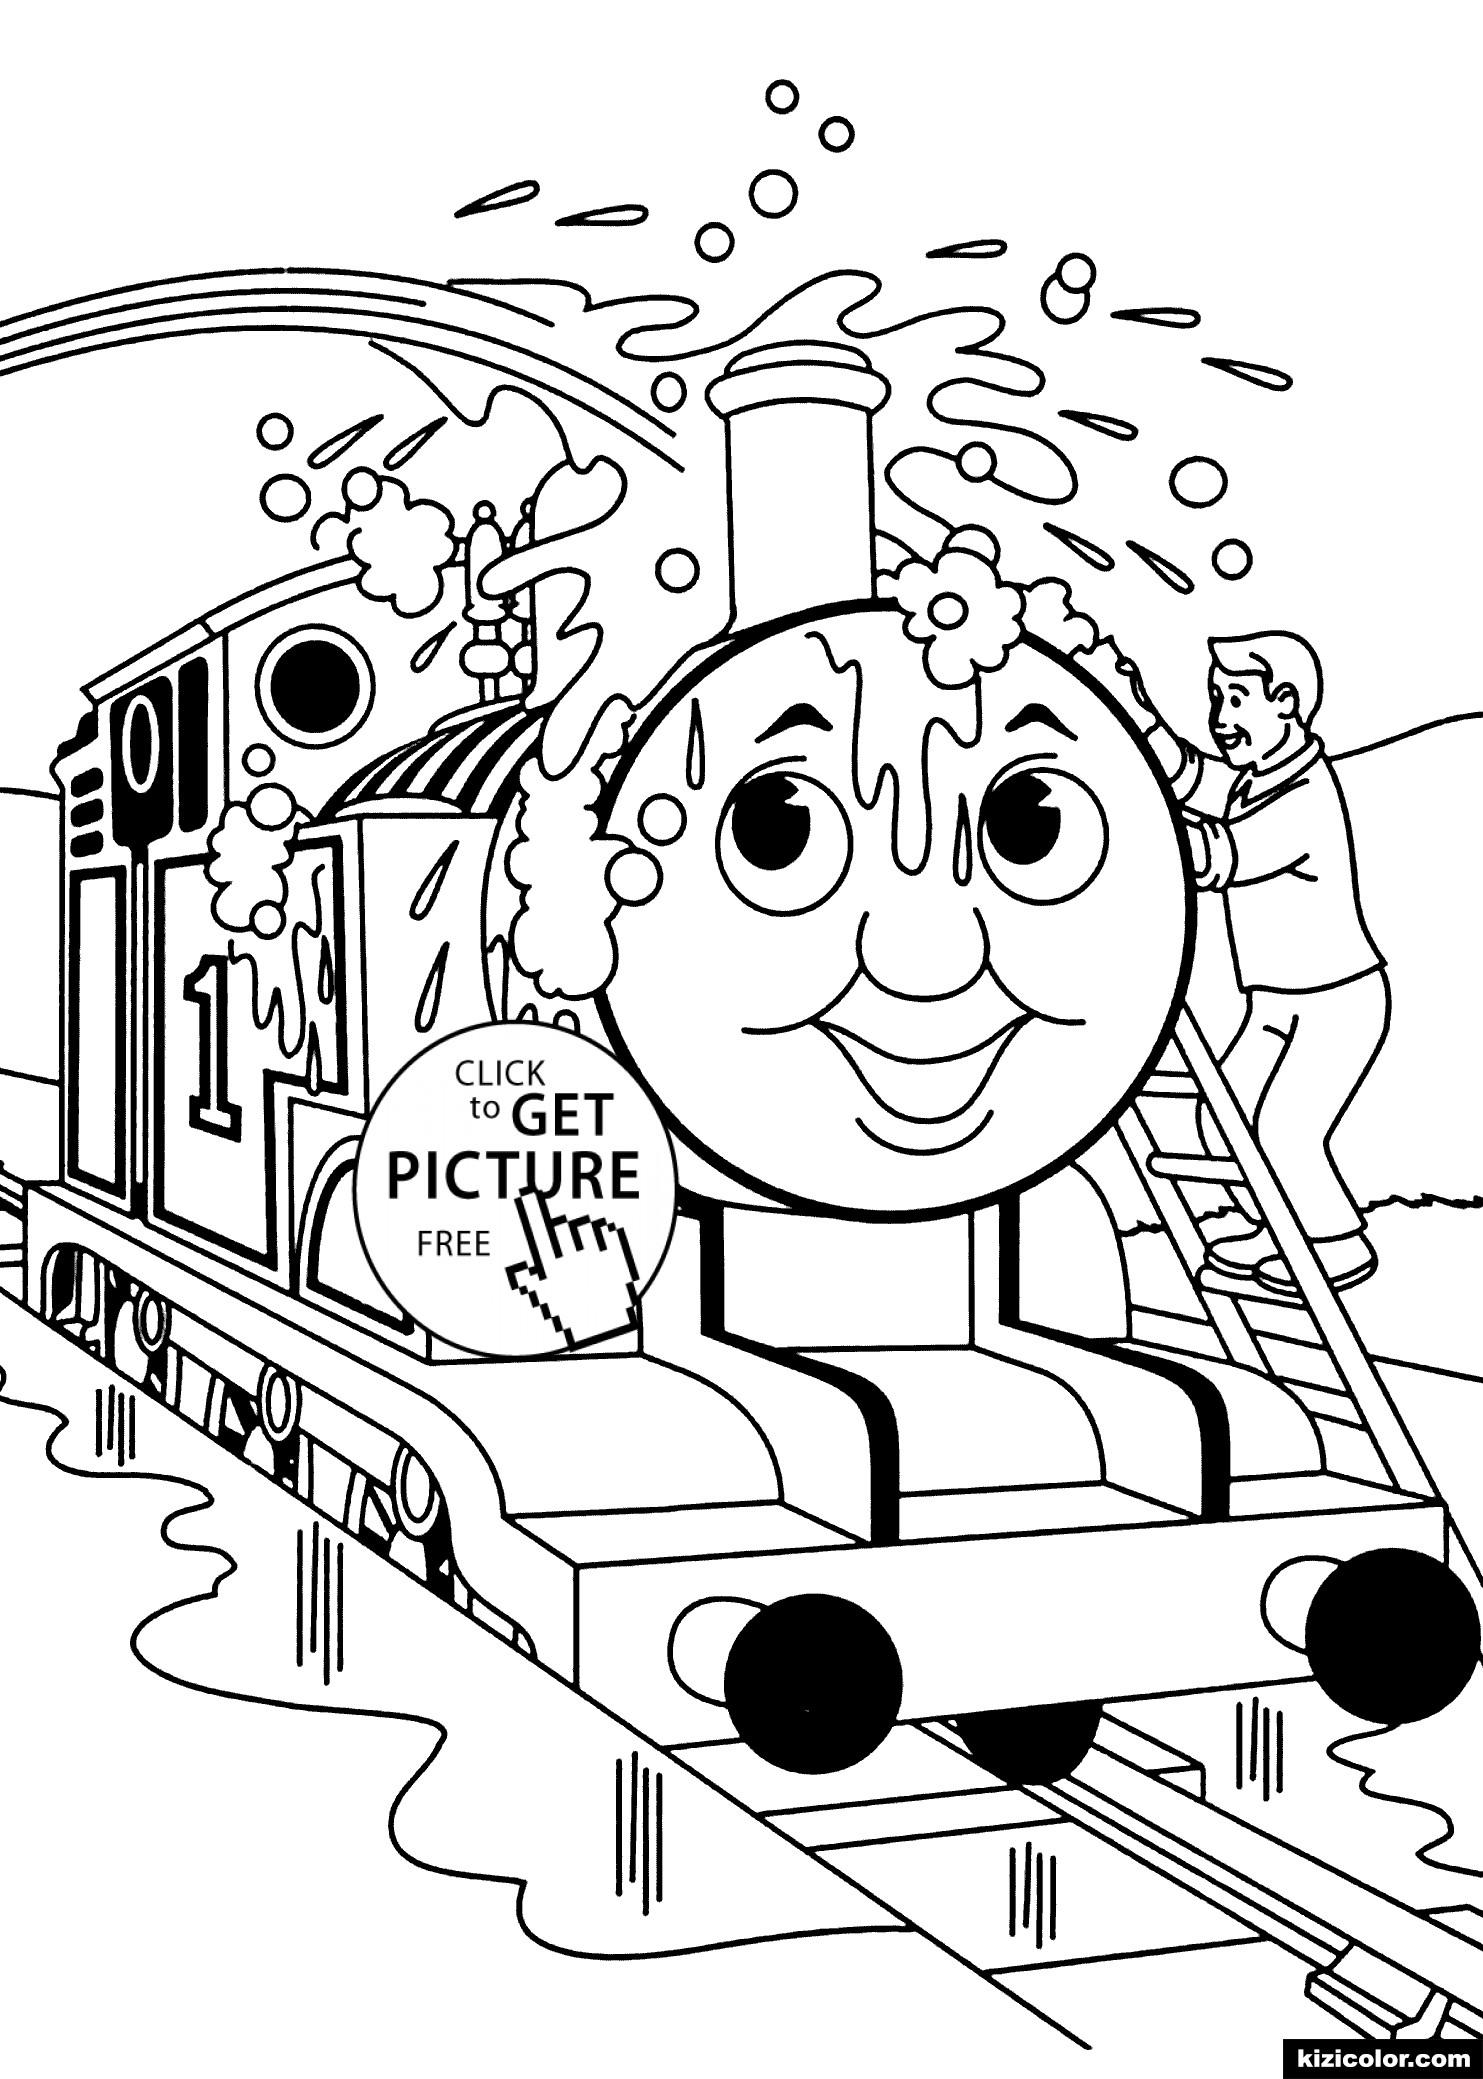 🎨 Thomas Und Freunde Gewaschen1 - Ausmalbilder Kostenlos in Malvorlage Thomas Und Seine Freunde